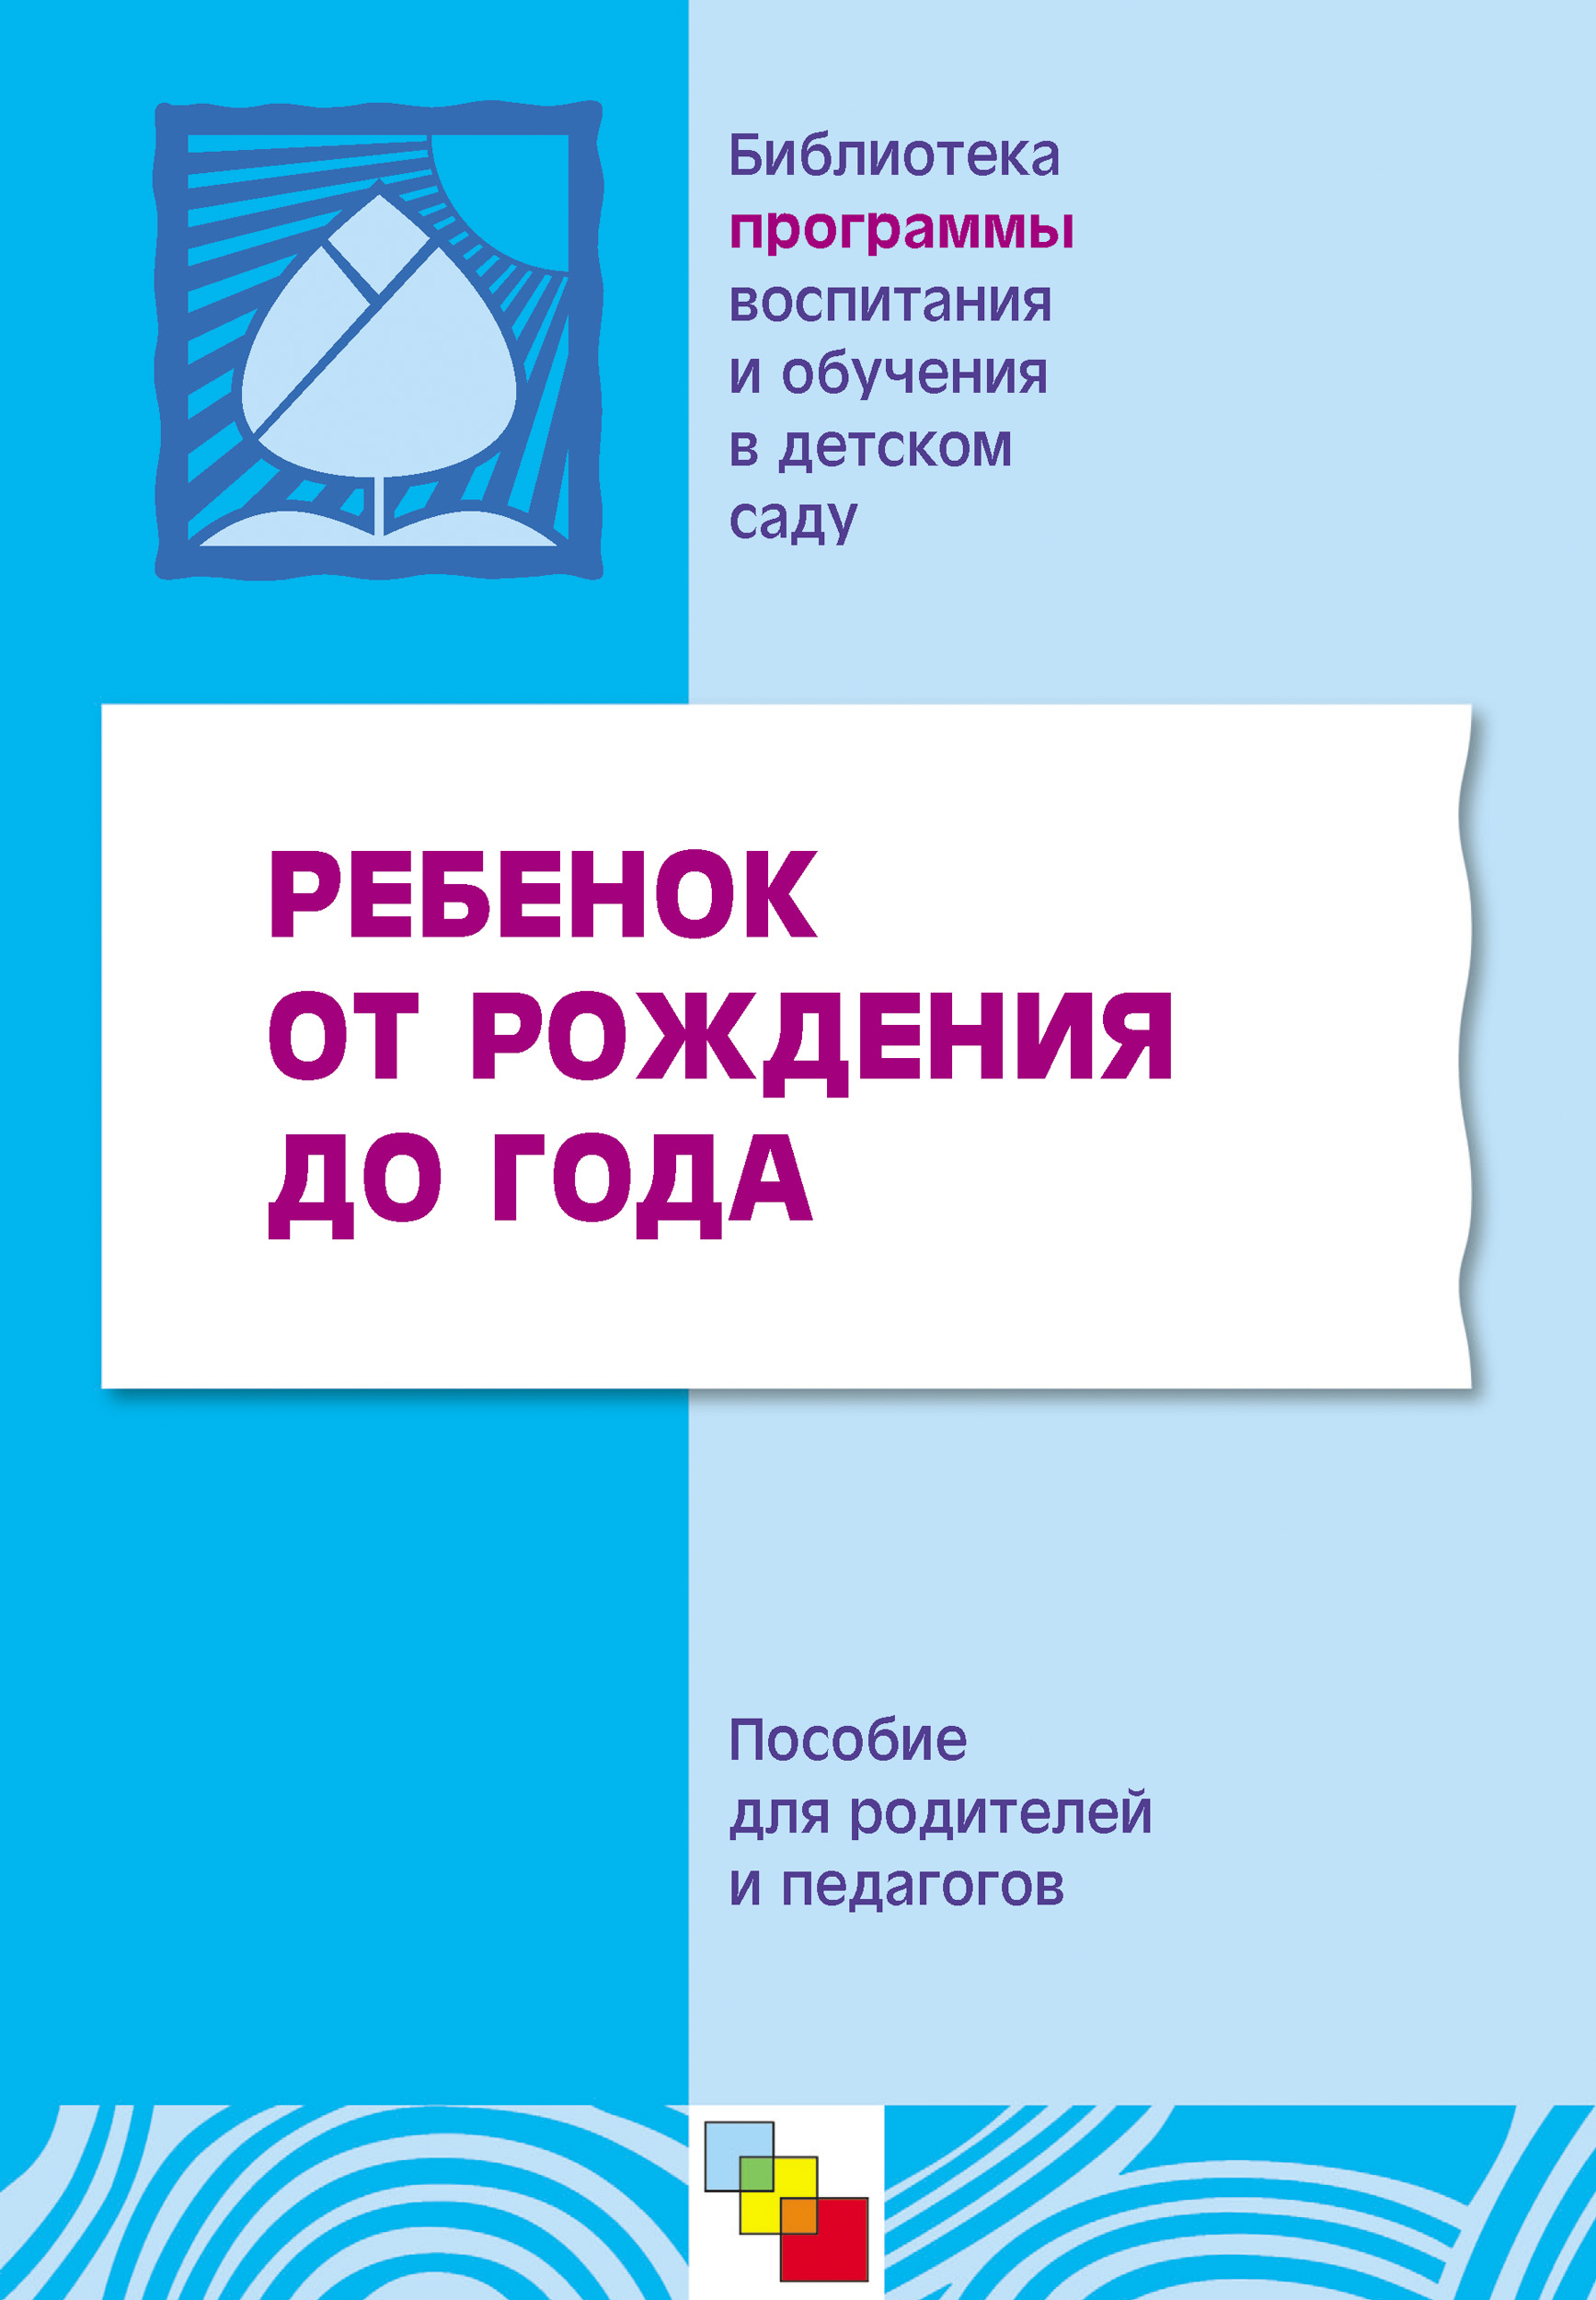 Коллектив авторов Ребенок от рождения до года. Пособие для родителей и педагогов